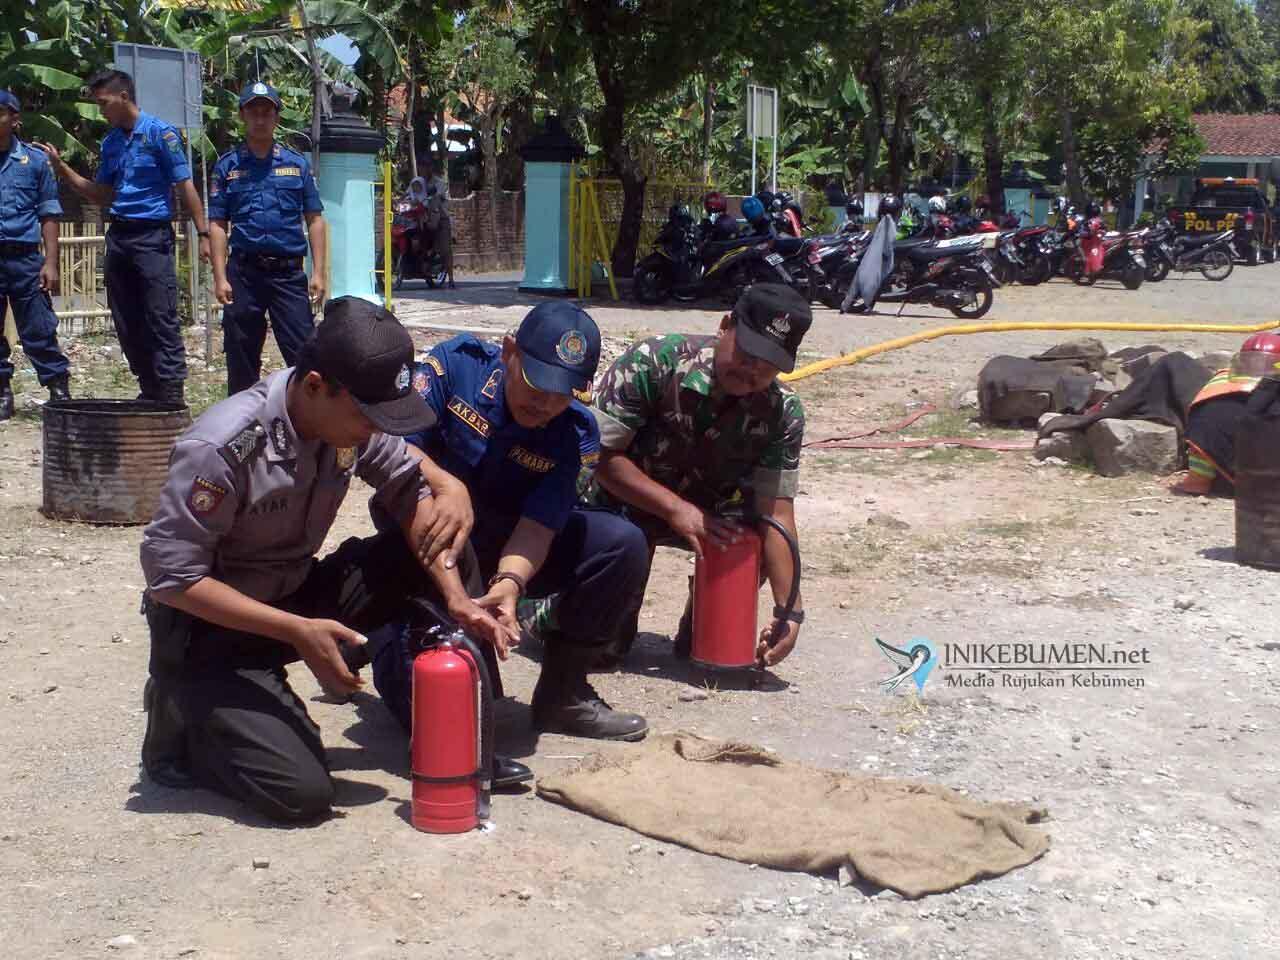 Anggota Polsek Gombong Dilatih Cara Memadamkan Api